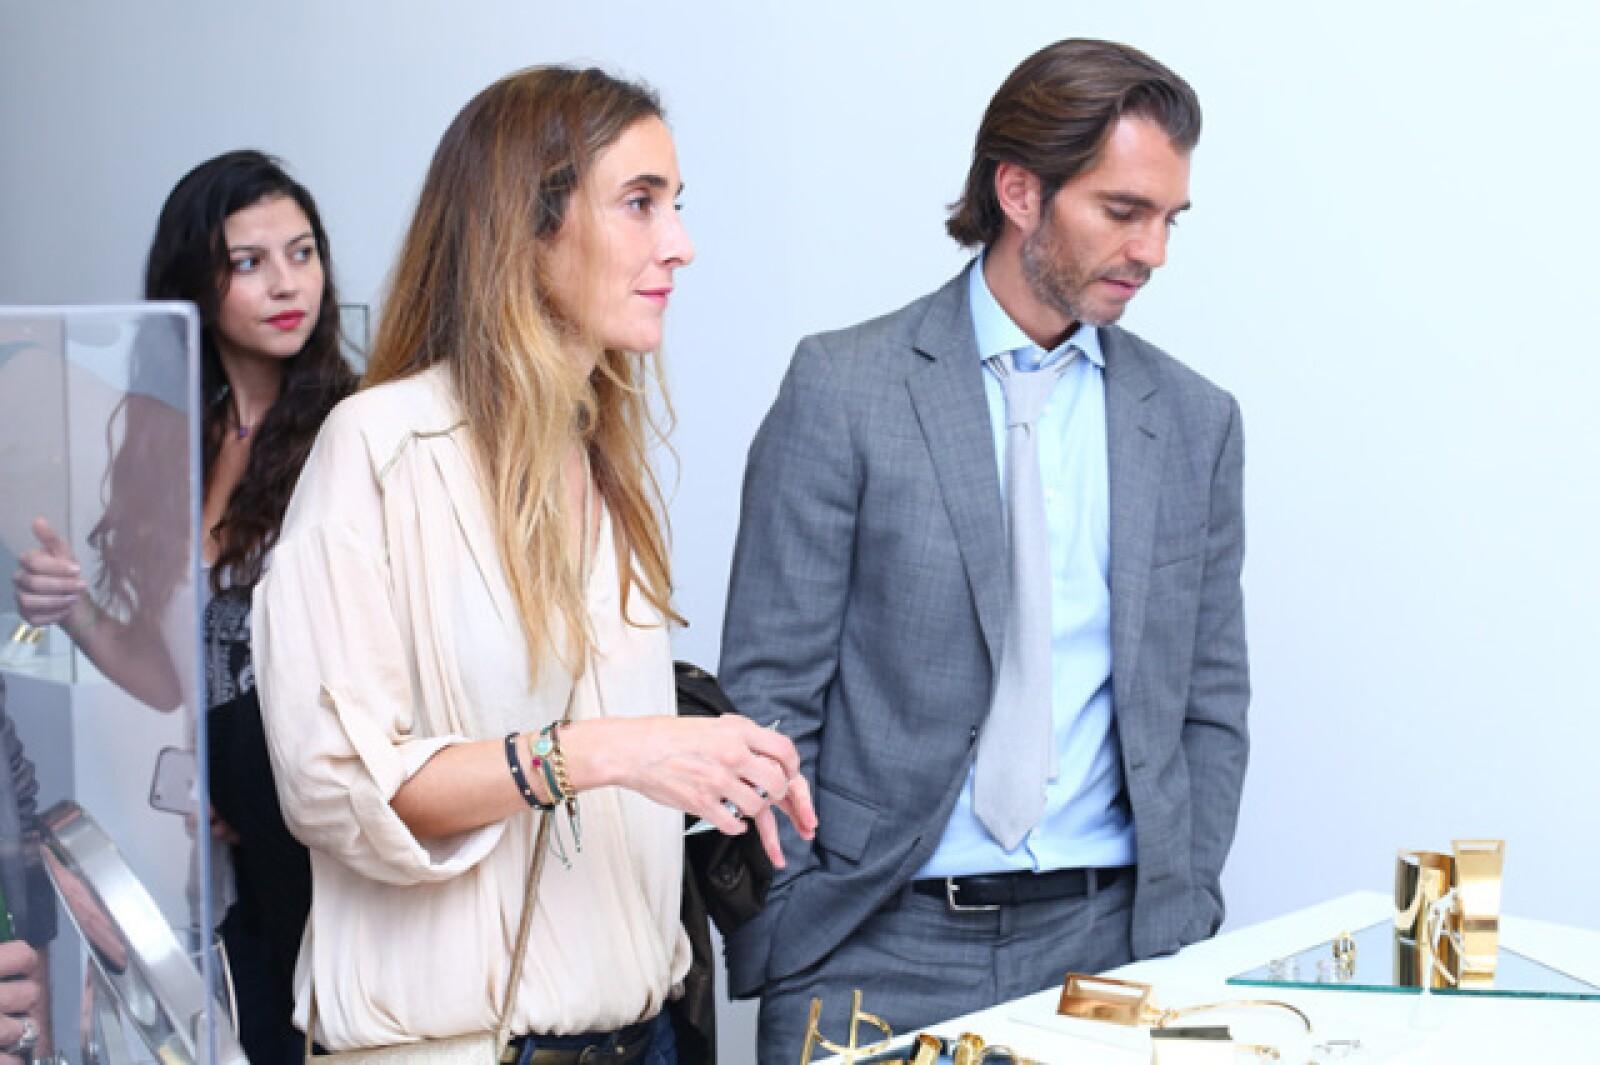 Ana Zesati y Raul Martínez Ostos